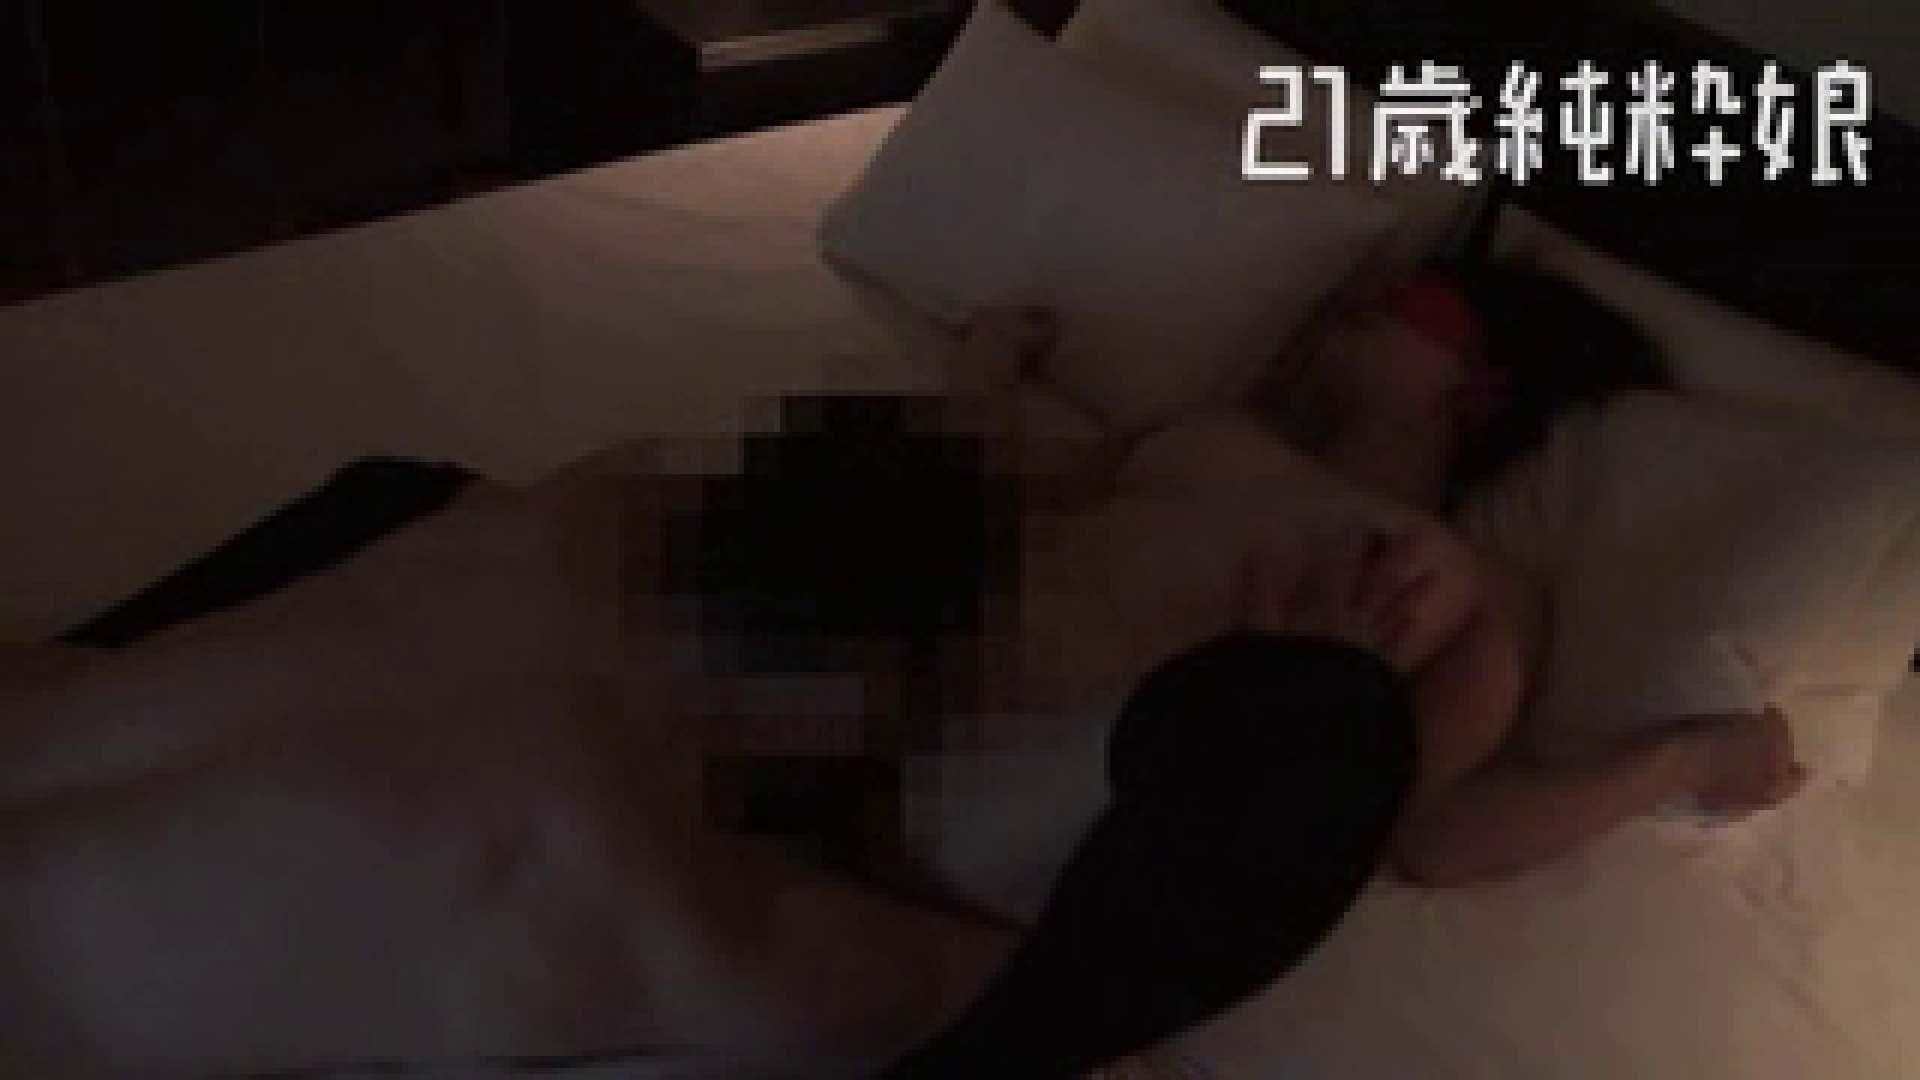 上京したばかりのGカップ21歳純粋嬢を都合の良い女にしてみた4 友人 | ホテル  60連発 53